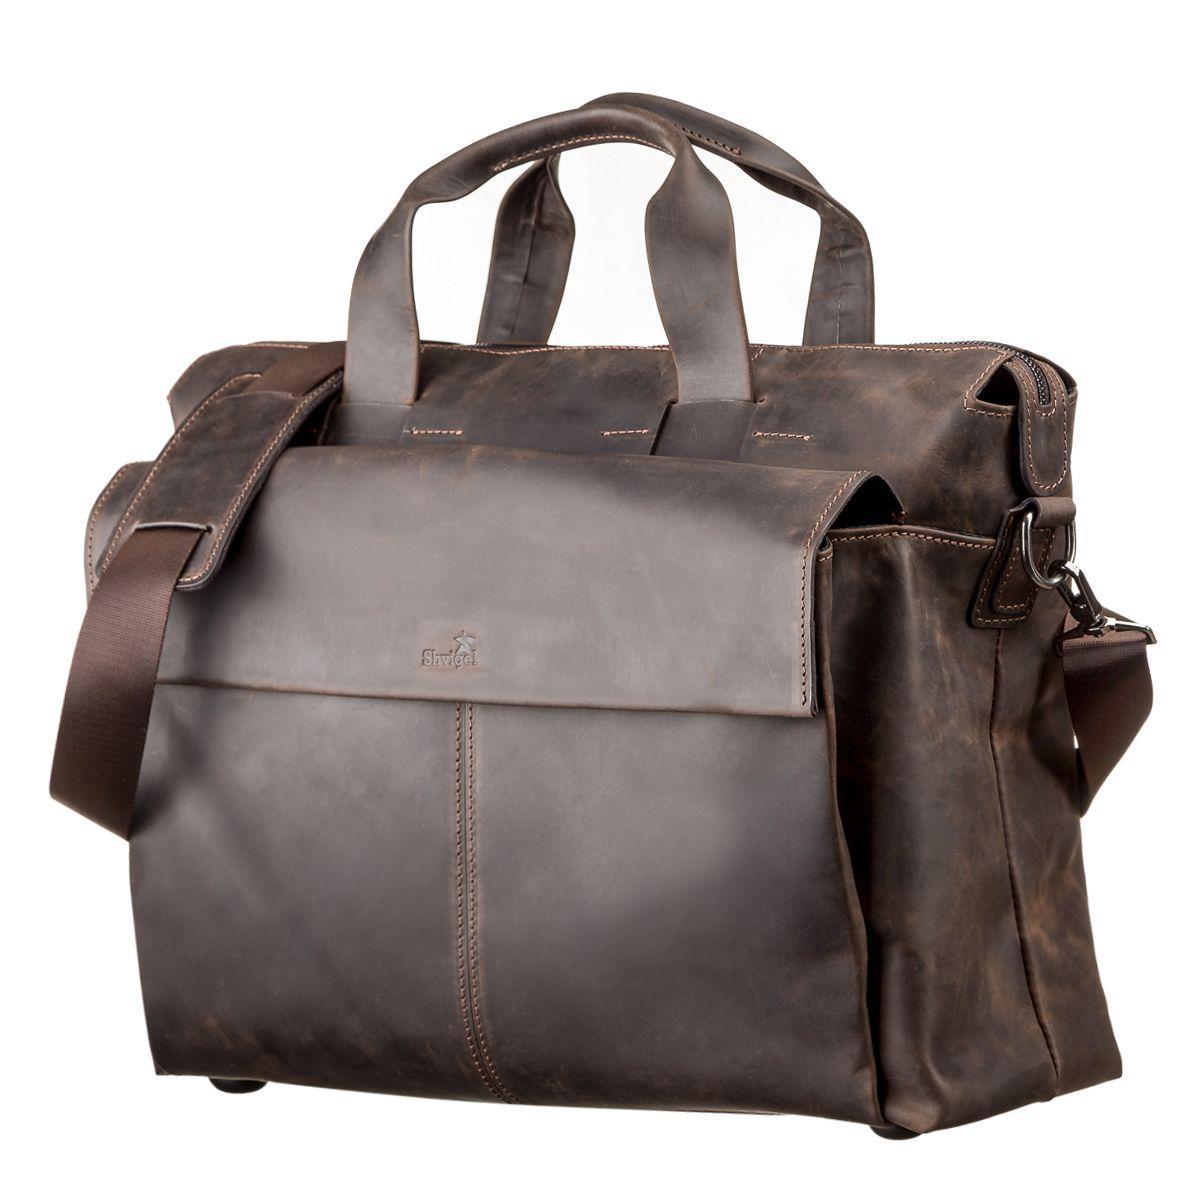 Дорожная сумка SHVIGEL 11119 кожаная Коричневая, Коричневый